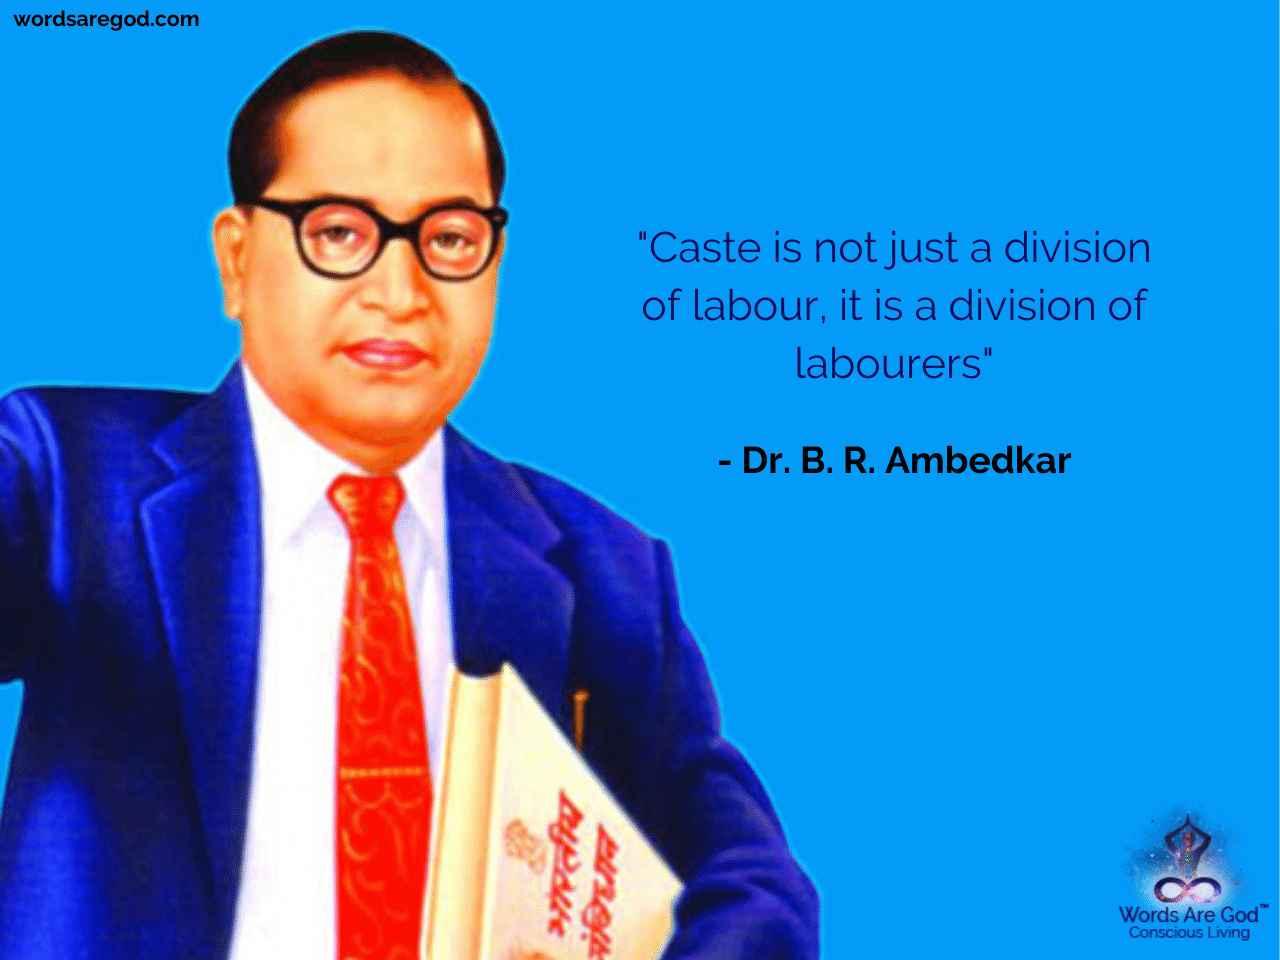 Dr. B. R. Ambedkar   Best Quote by Dr. B. R. Ambedkar